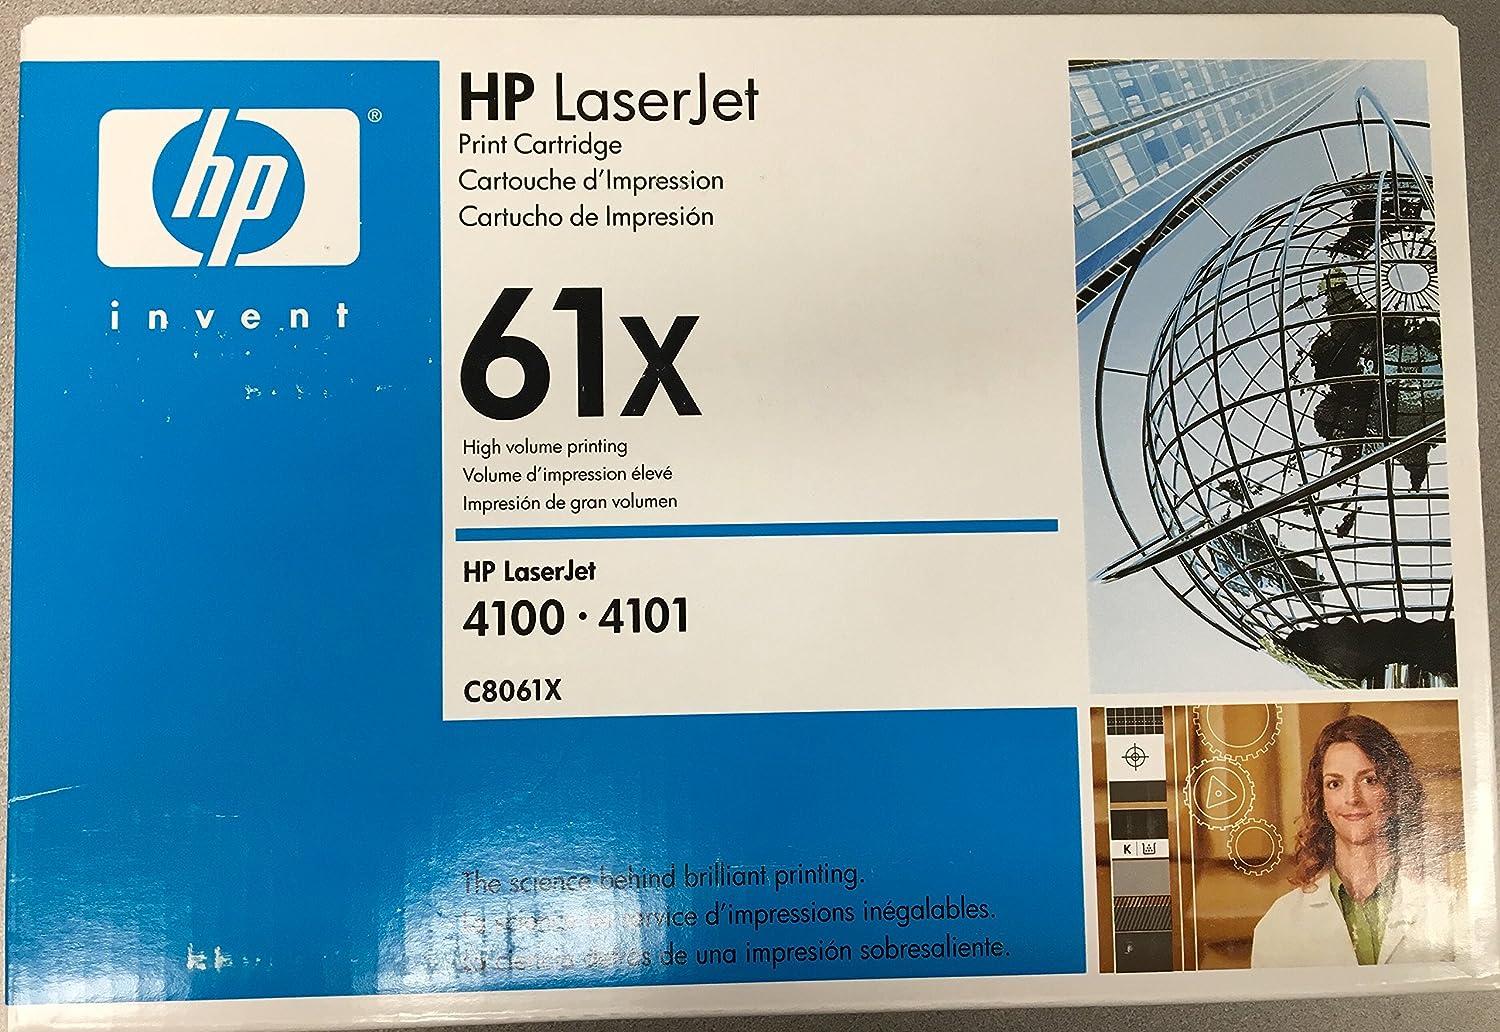 ヒューレットパッカード( HP ) hpc8061 X 61 X OEM LaserJet :ブラックyields 10 , 000ページ   B01K3CEXOS